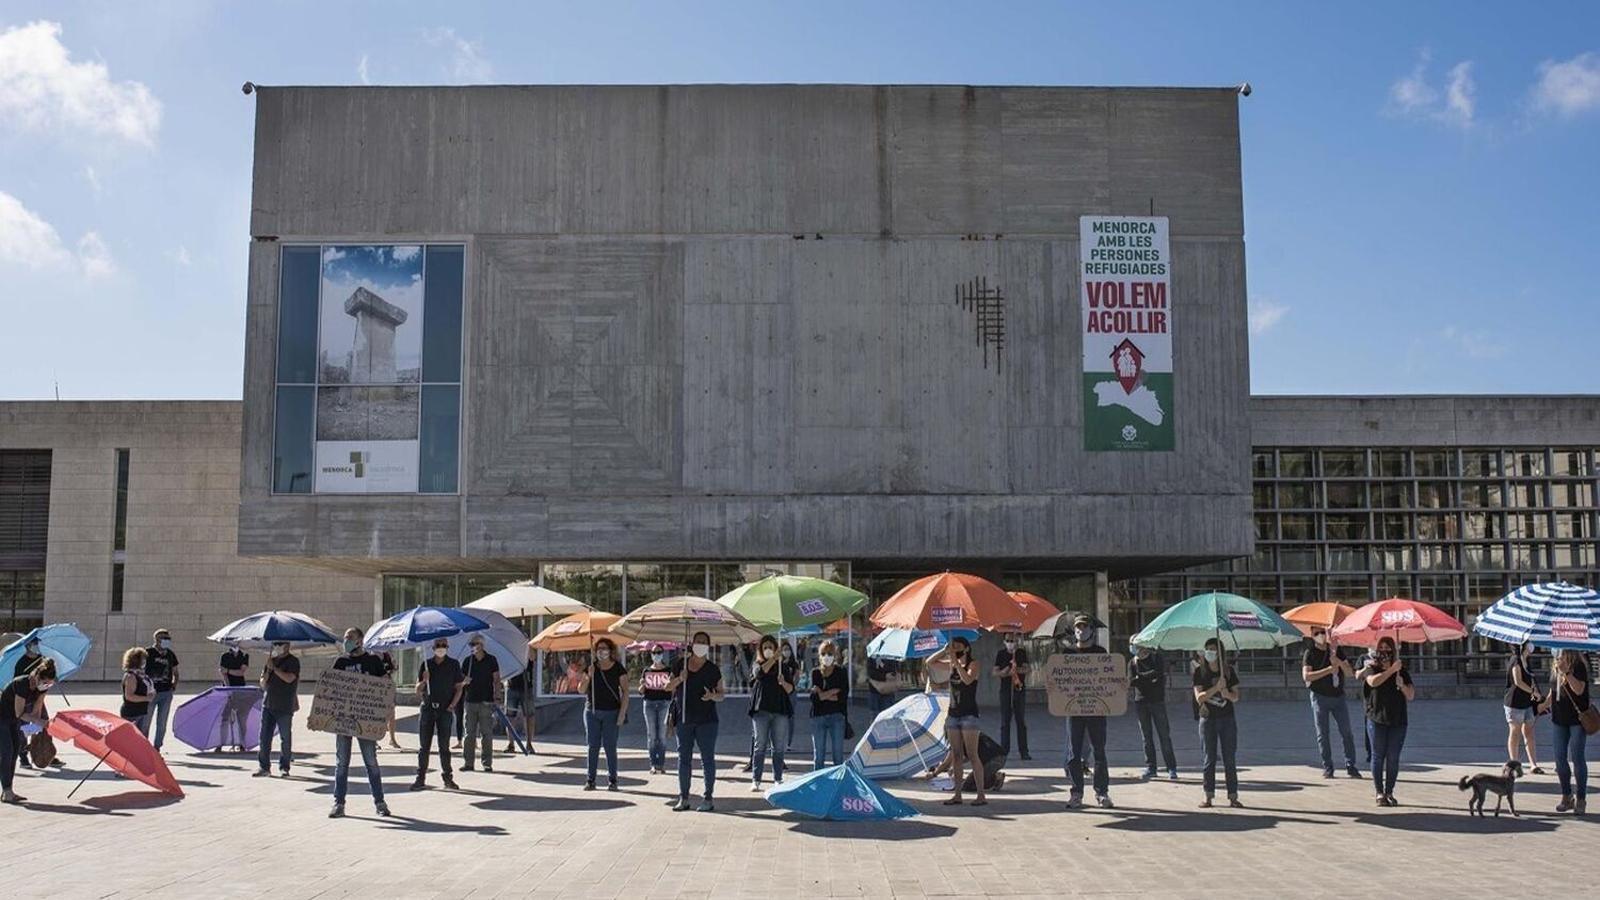 És la segona protesta que protagonitzen després de reivindicar els seus drets davant el Consell de Menorca.